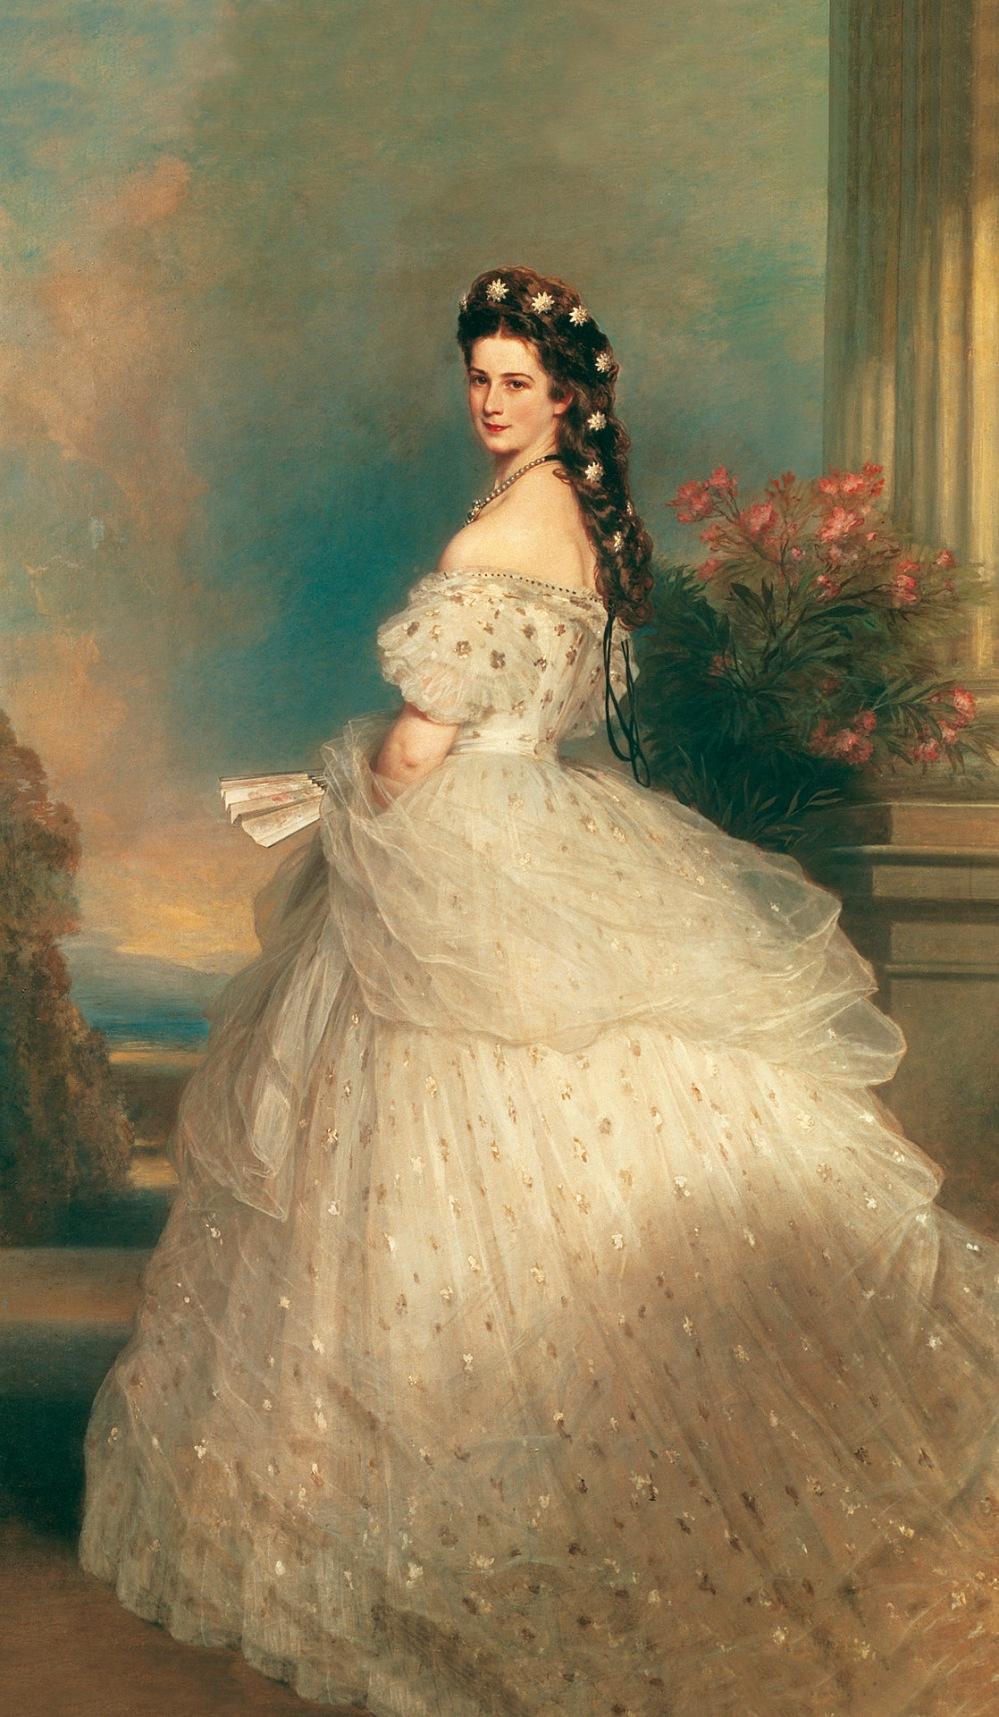 Franz Xaver Winterhalter. La emperatriz Isabel. 1865. Hofburg, Viena. El traje que aparece en el retrato es obra de Worth.